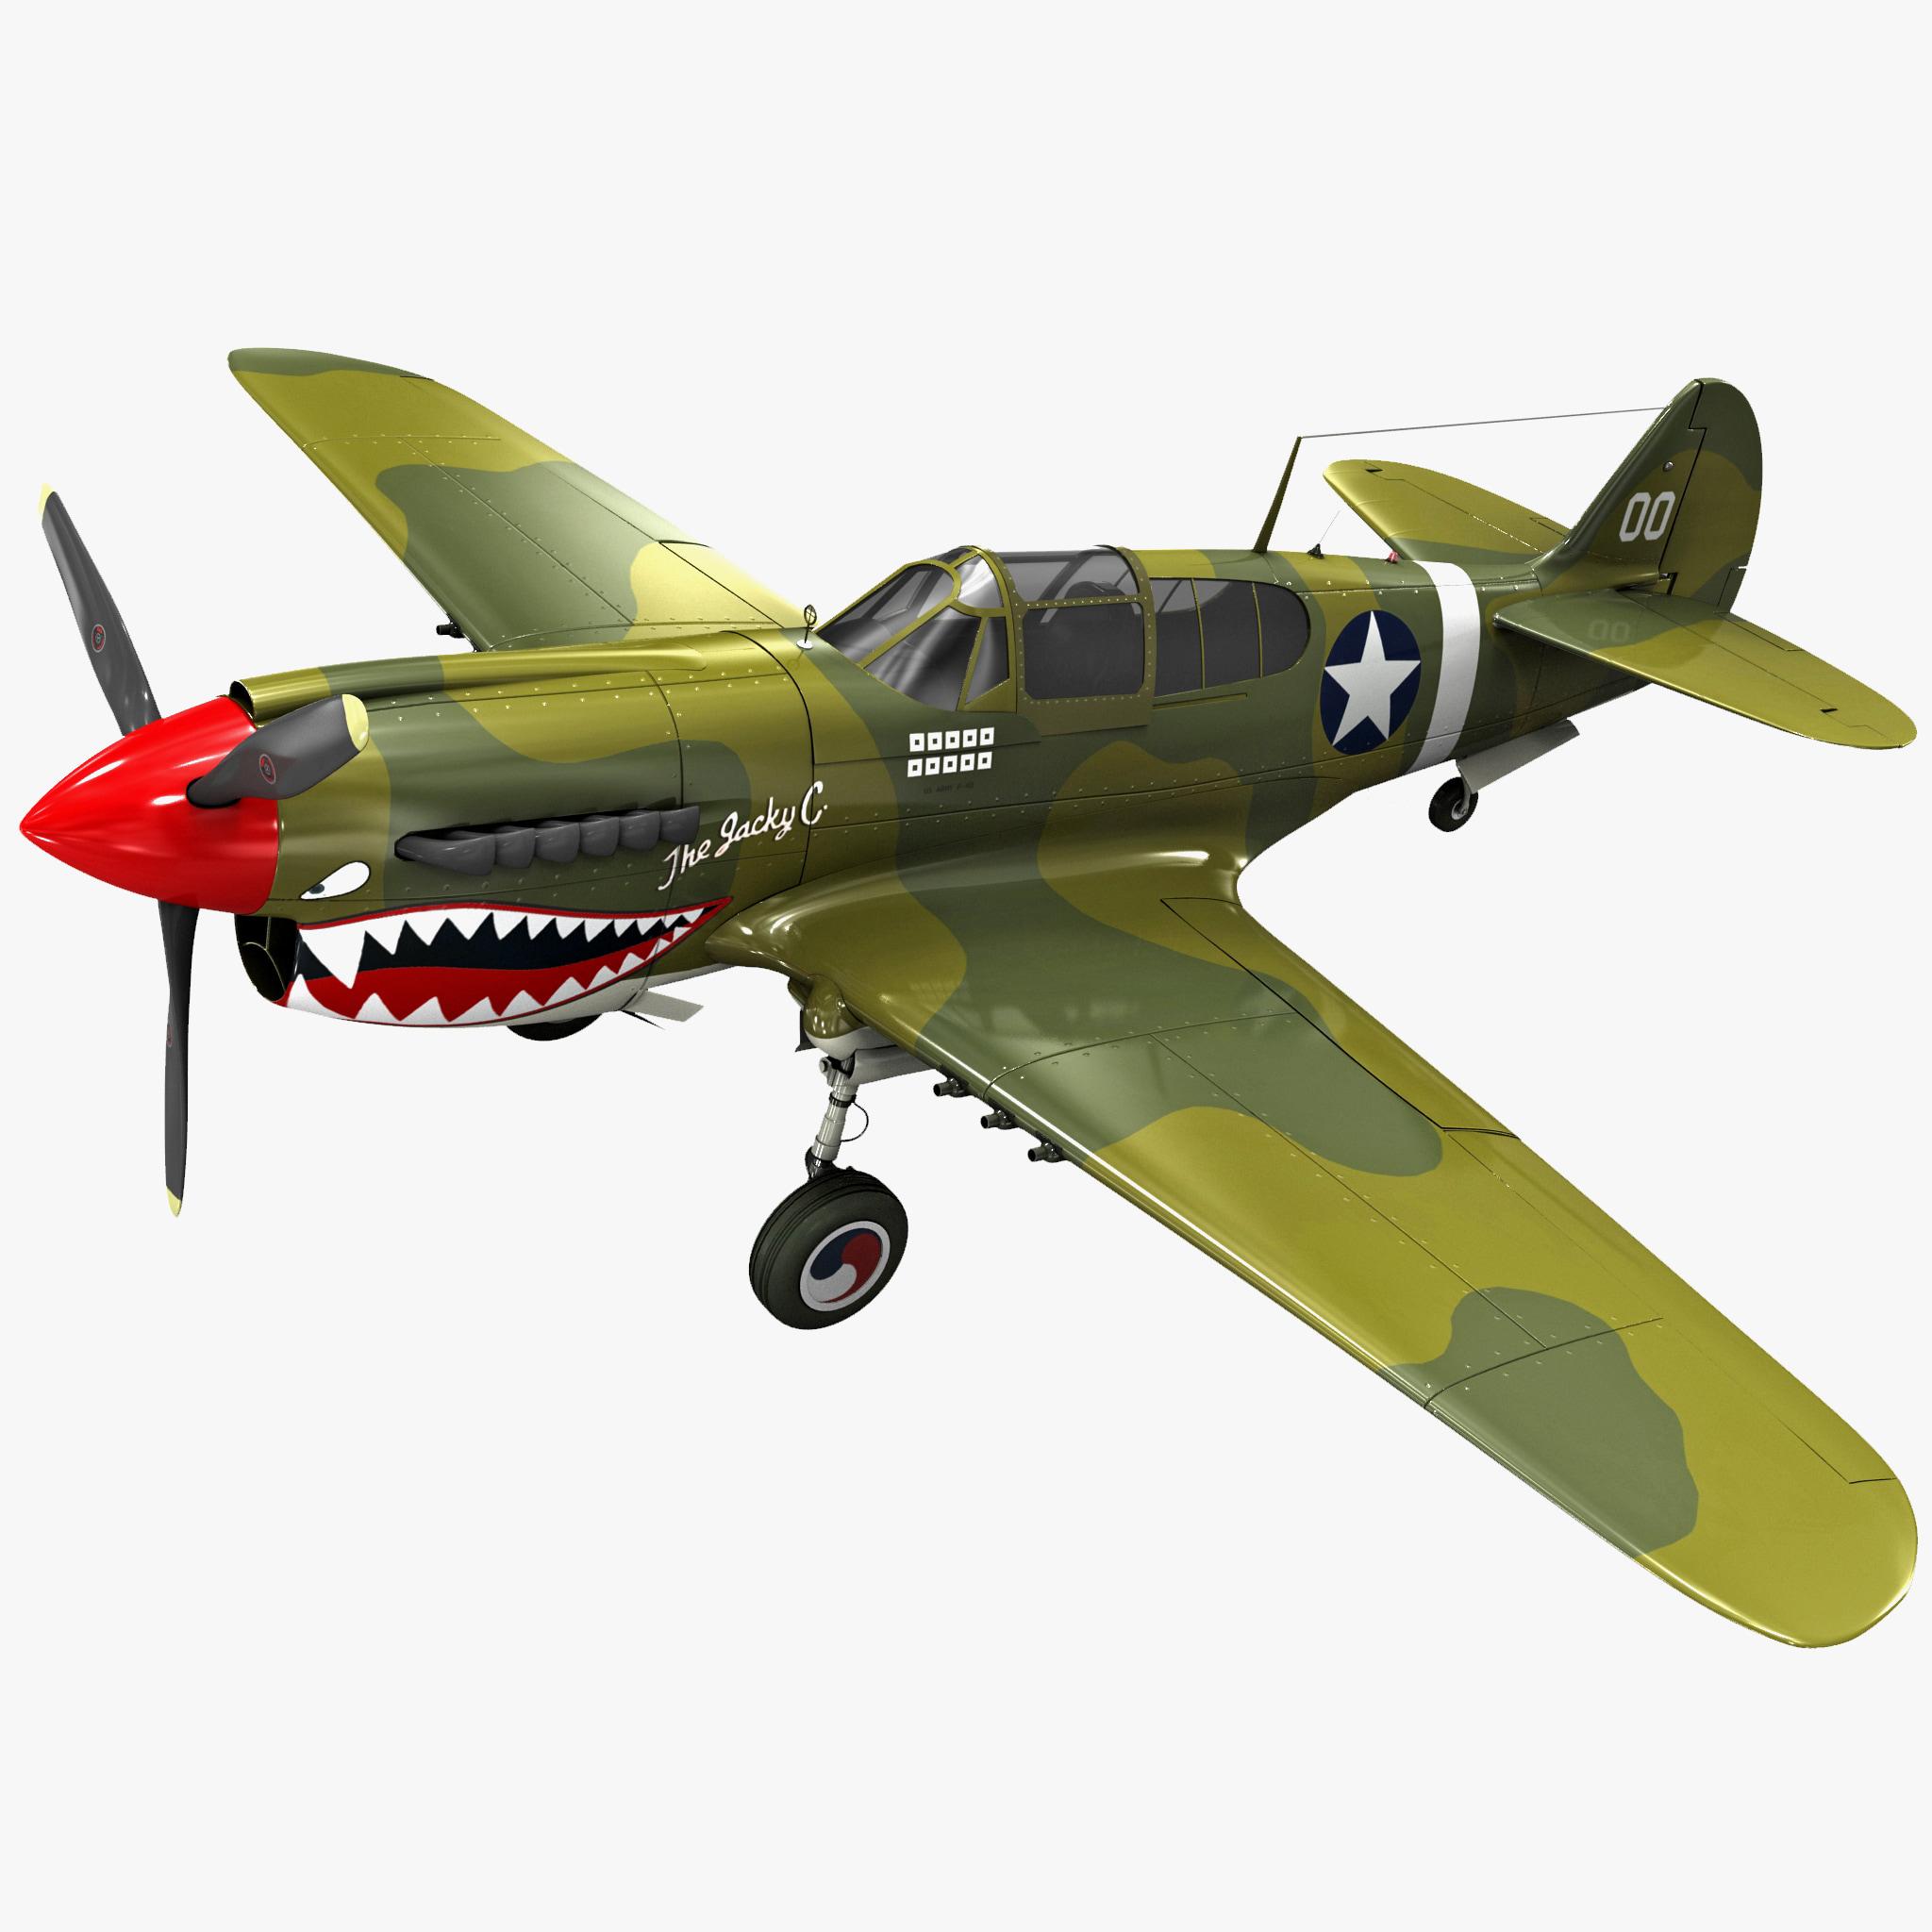 Curtiss P-40 Warhawk US Fighter